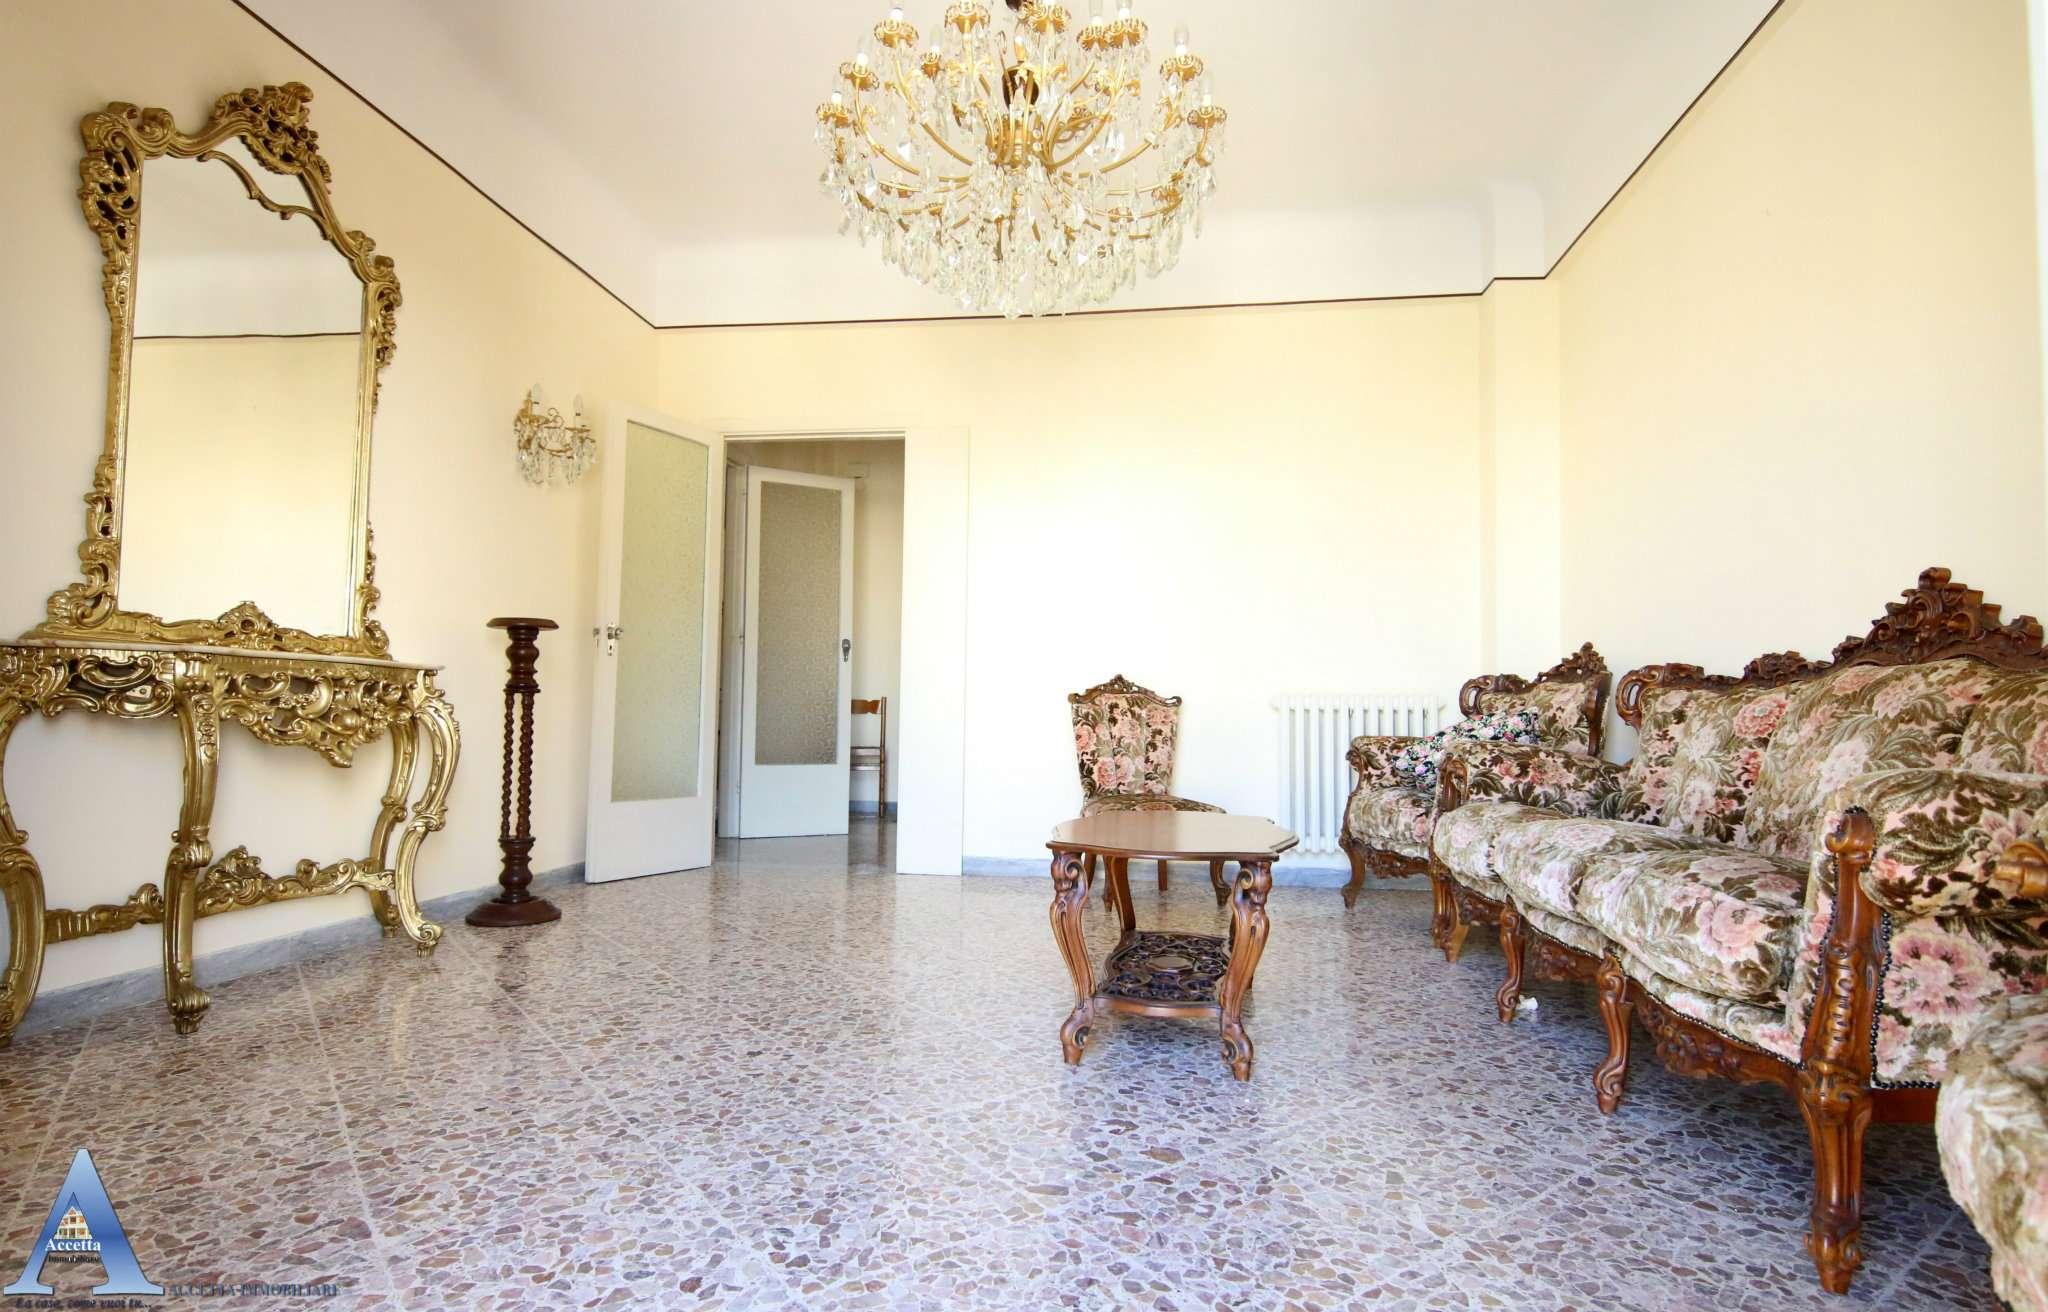 Appartamento in vendita a Taranto, 3 locali, prezzo € 98.000 | CambioCasa.it